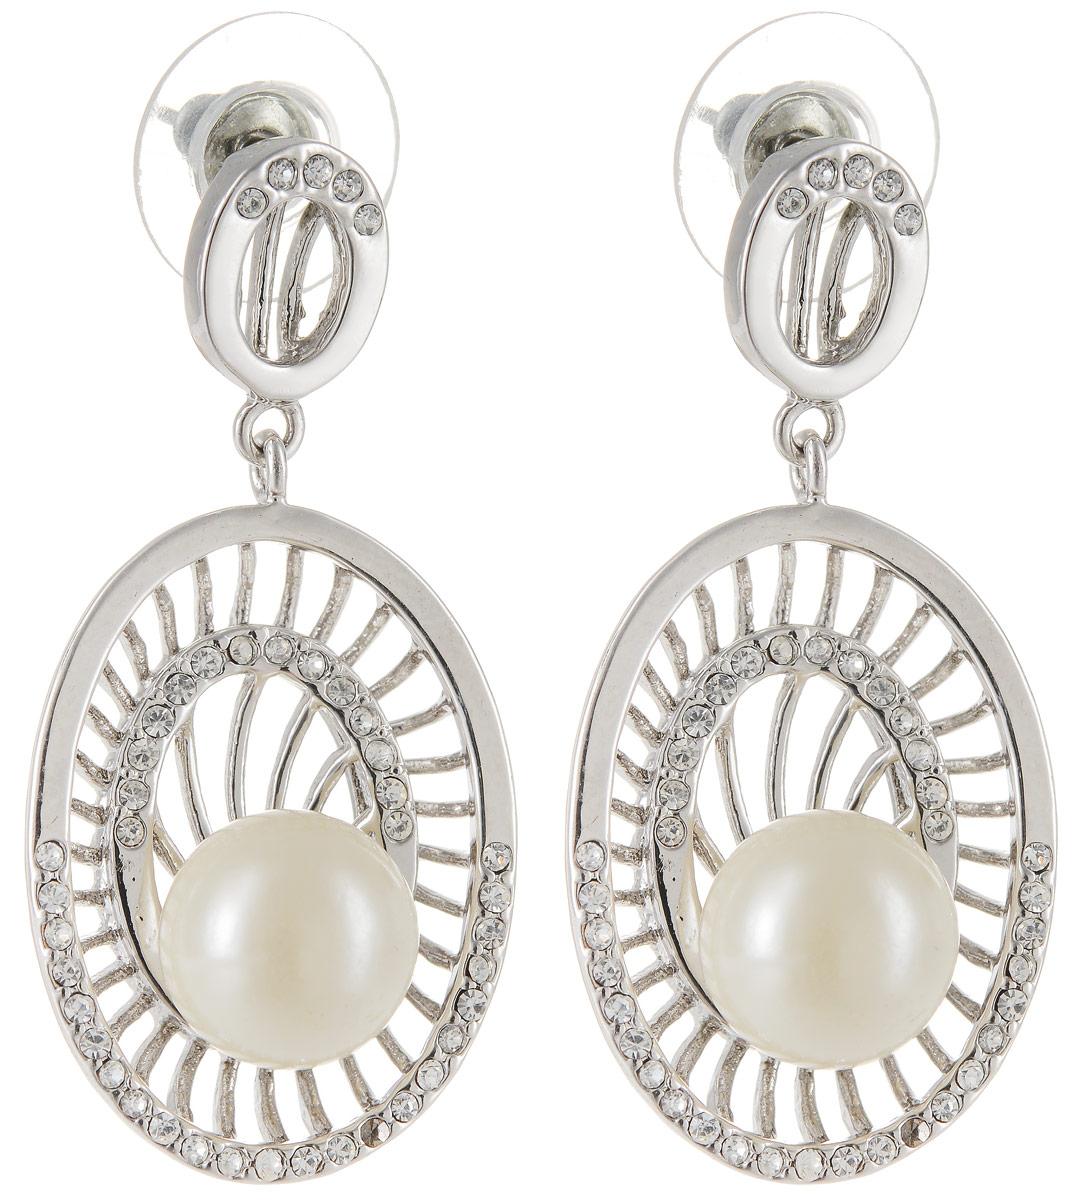 Серьги Art-Silver, цвет: серебряный. 013825-679013825-679Бижутерный сплав, майорика, куб.циркон.